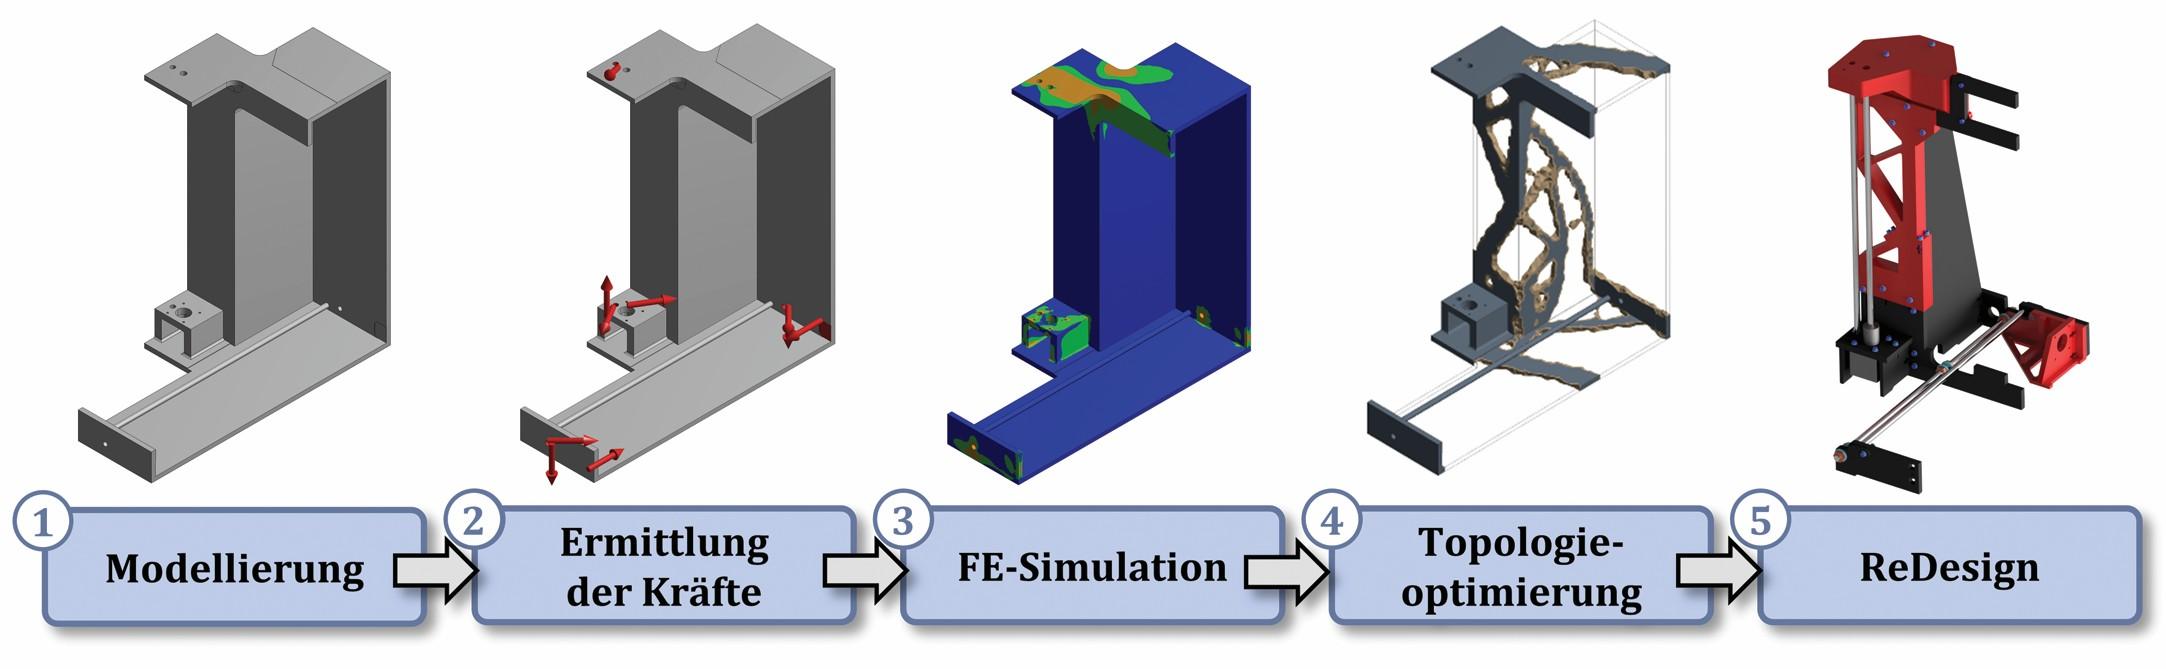 Bild 3: Vorgehensweise zur Steifigkeitserhöhung der Rahmenkonstruktion. Bild: FAU Erlangen-Nürnberg